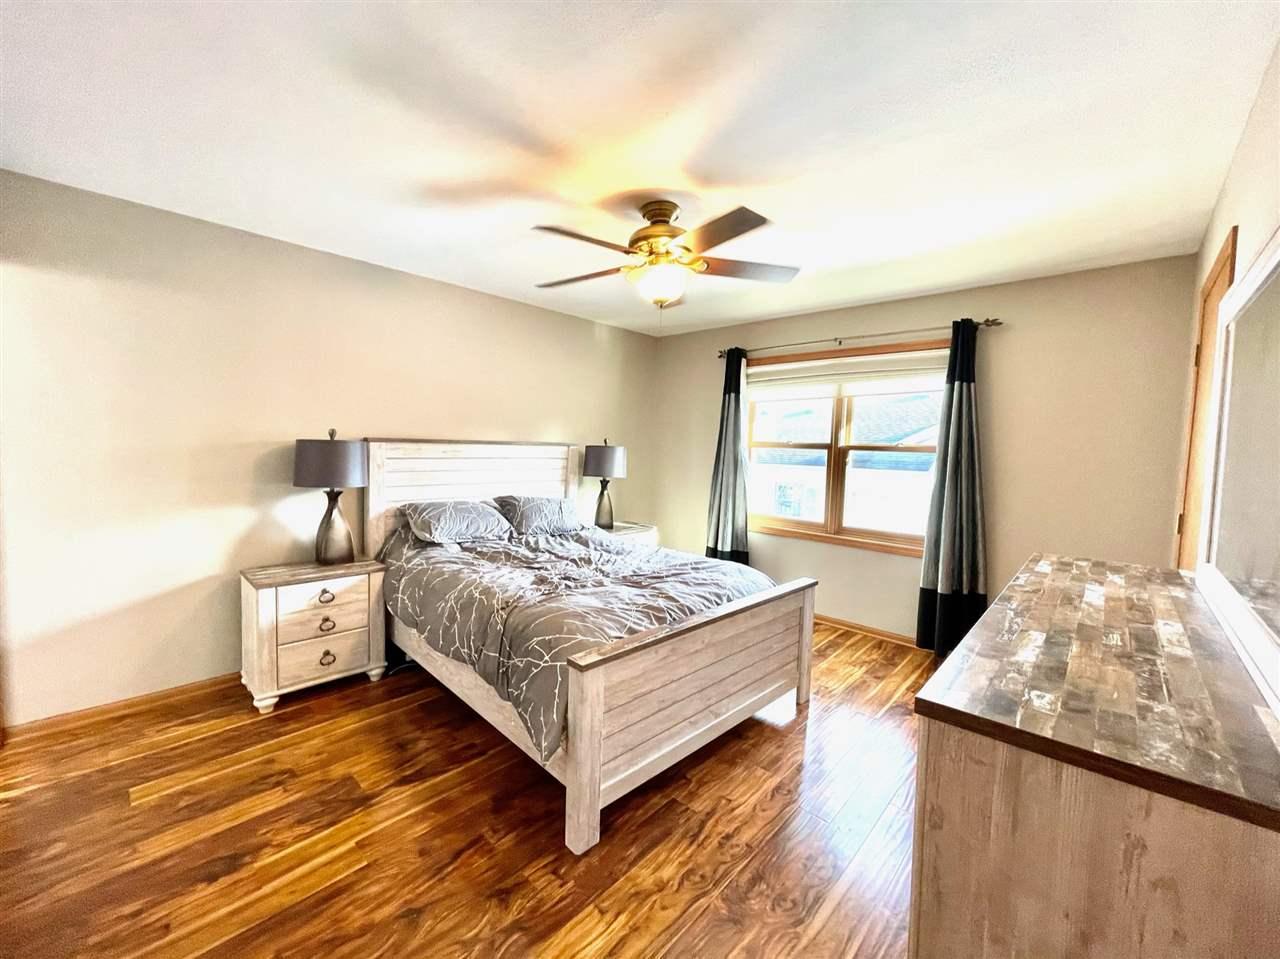 126 Weybridge Dr, Sun Prairie, Wisconsin 53590, 4 Bedrooms Bedrooms, ,3 BathroomsBathrooms,Single Family,For Sale,126 Weybridge Dr,1903666